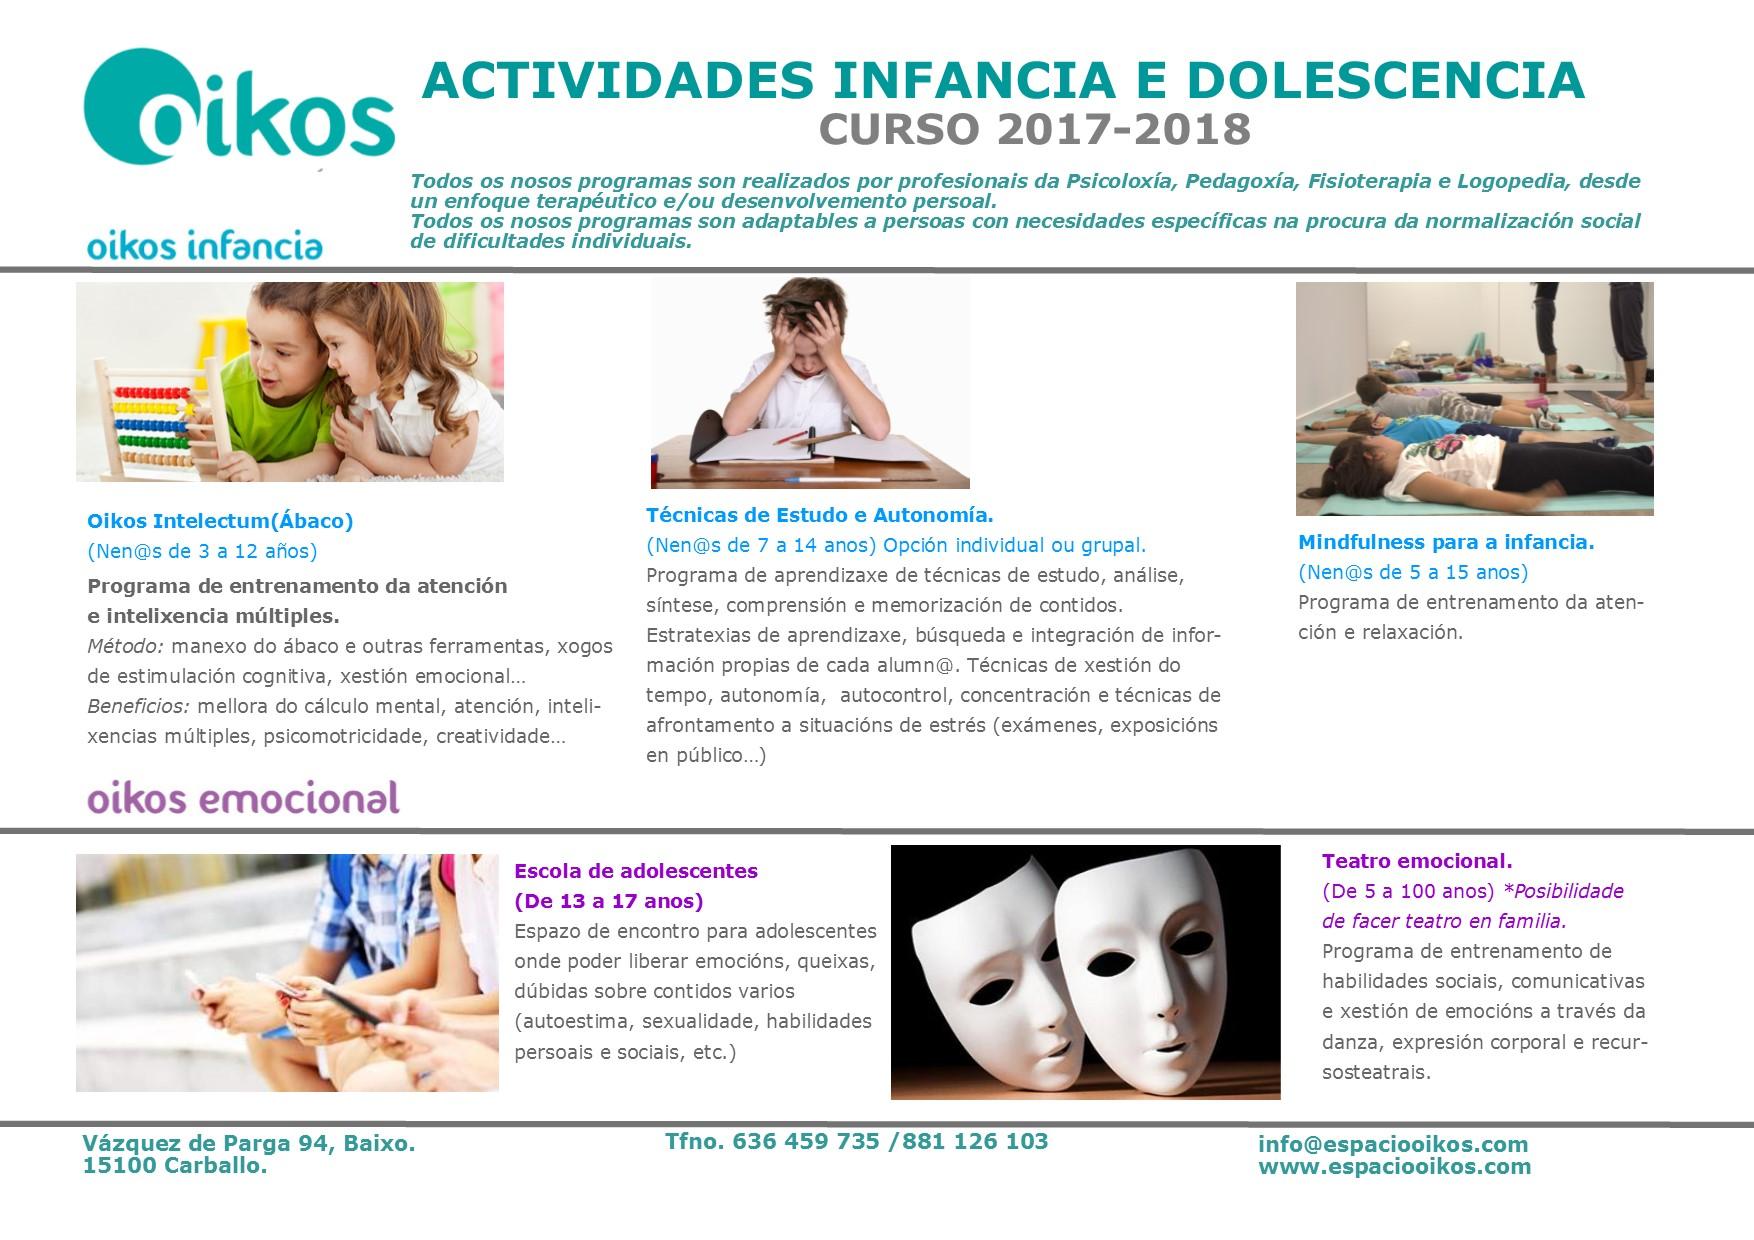 OIKOS INFANCIA E ADOLESCENCIA 2017-18